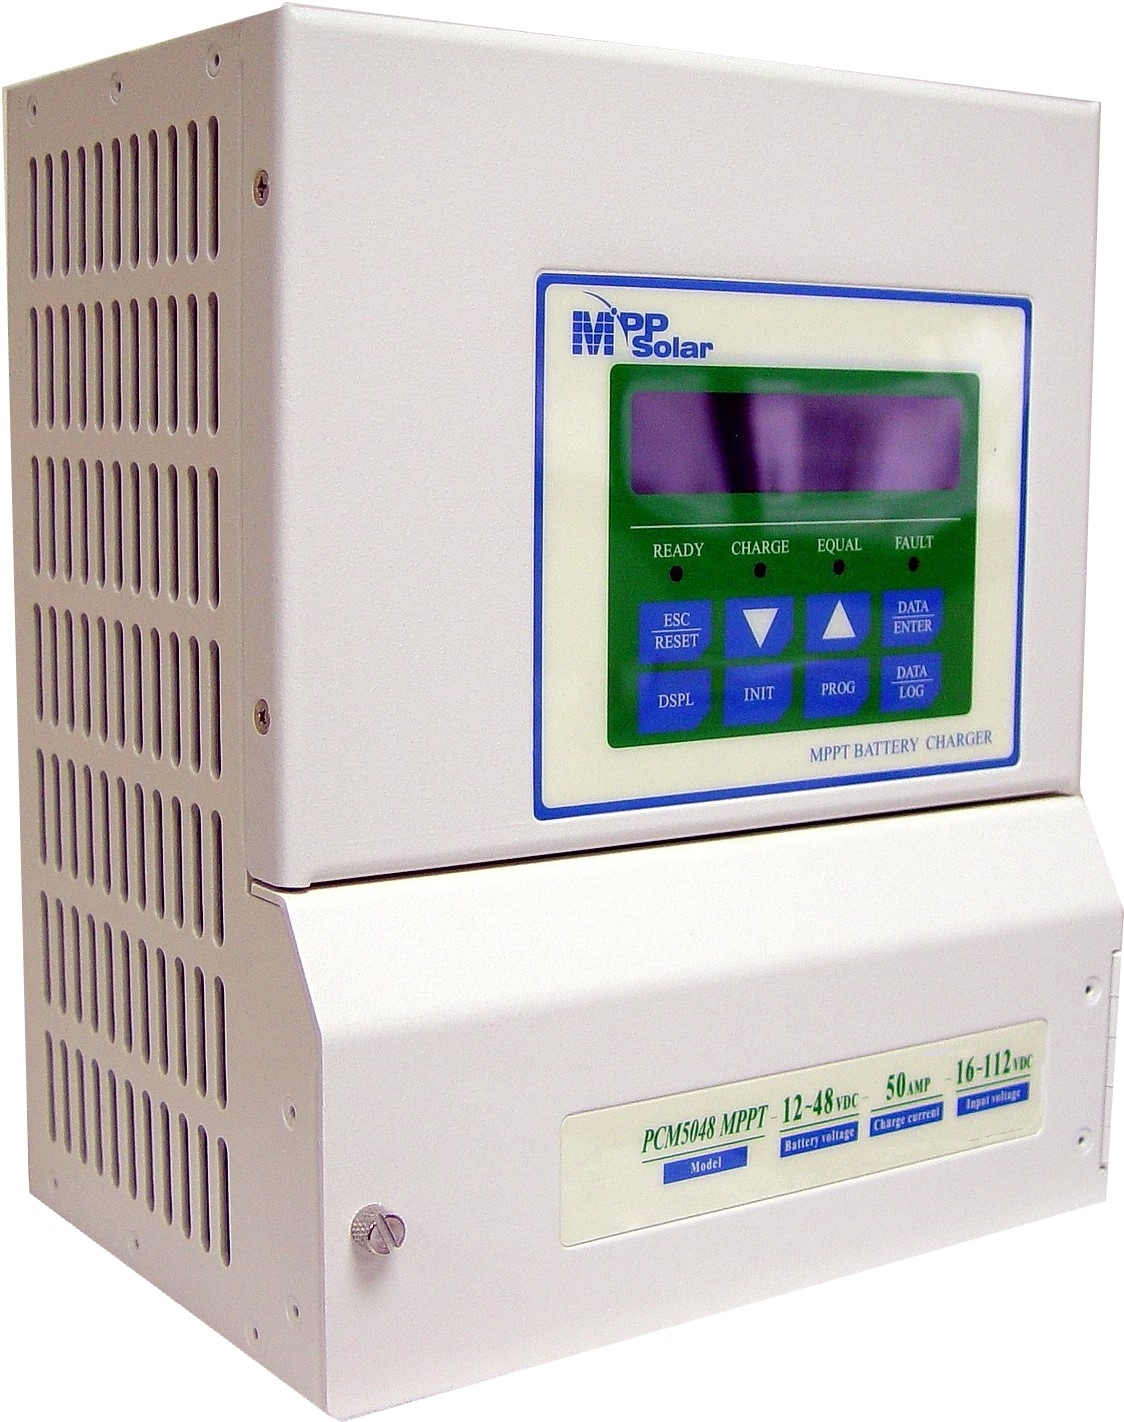 PCM-5048/8048